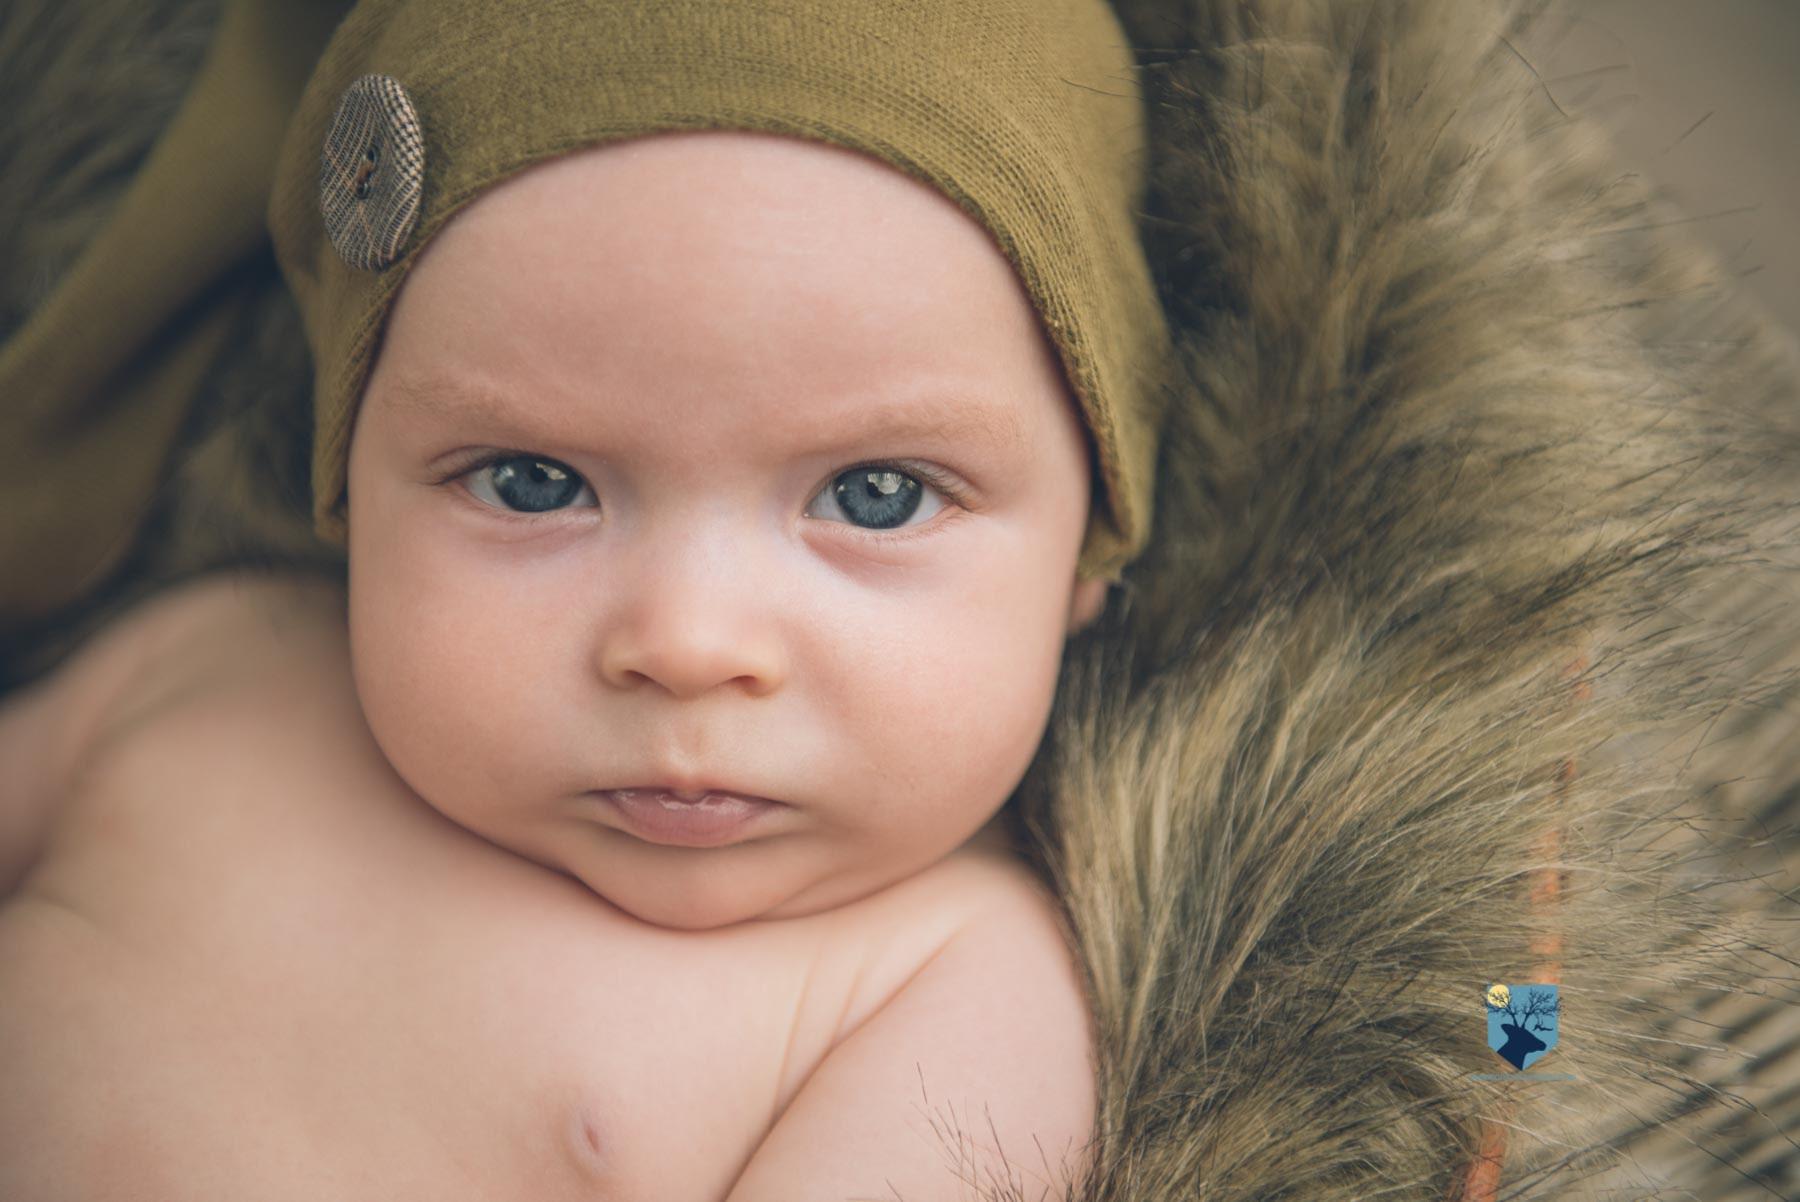 fotografia, fotos, girona,figueres, emporda, monica quintana, bebes,niños,familia,retrato,estudio,primer año, tres meses, 3 meses